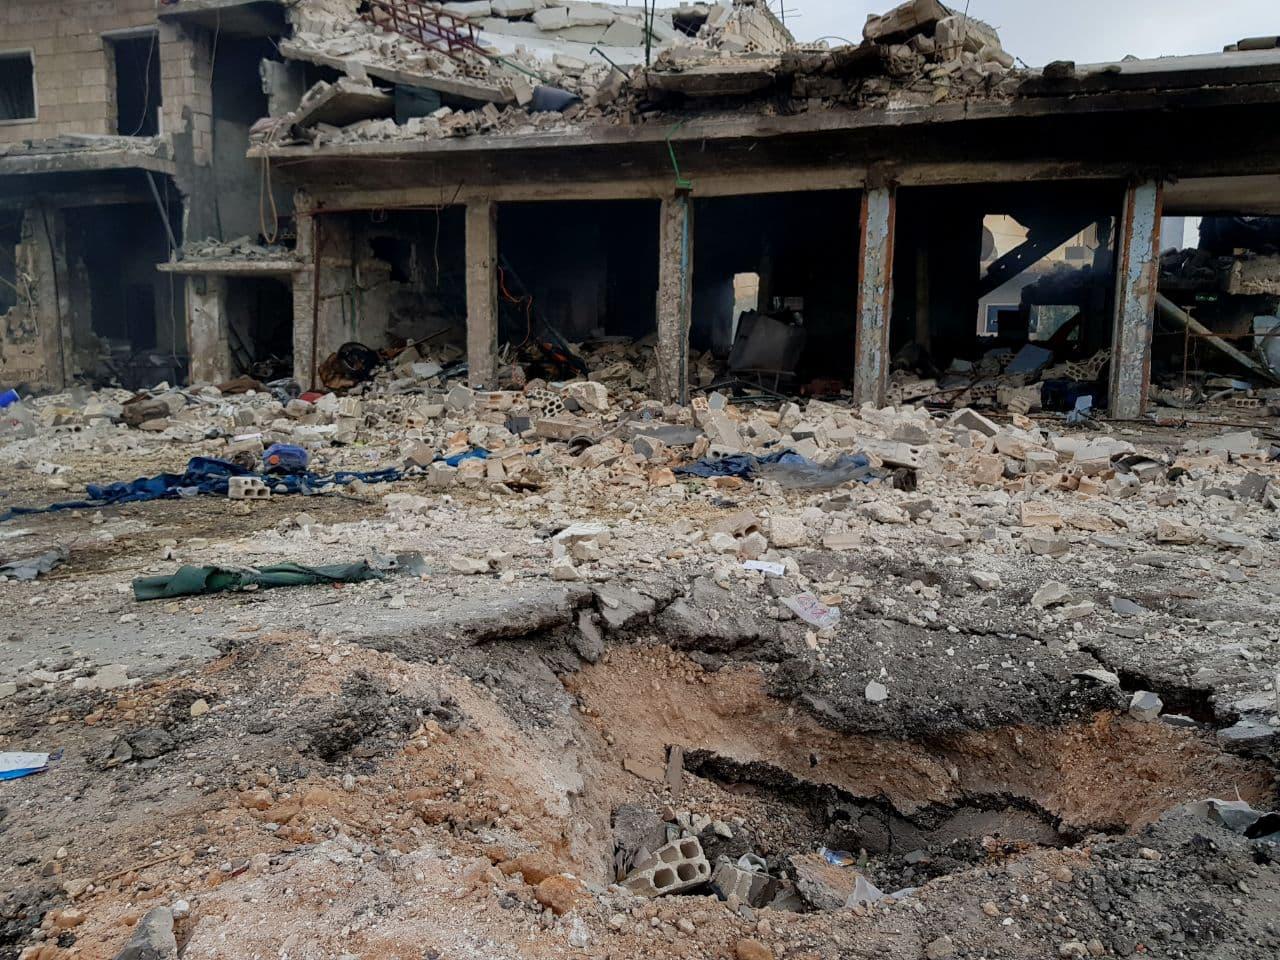 تصعيد من قِبل النظام السوري وروسيا يستهدف ريفَيْ إدلب واللاذقية